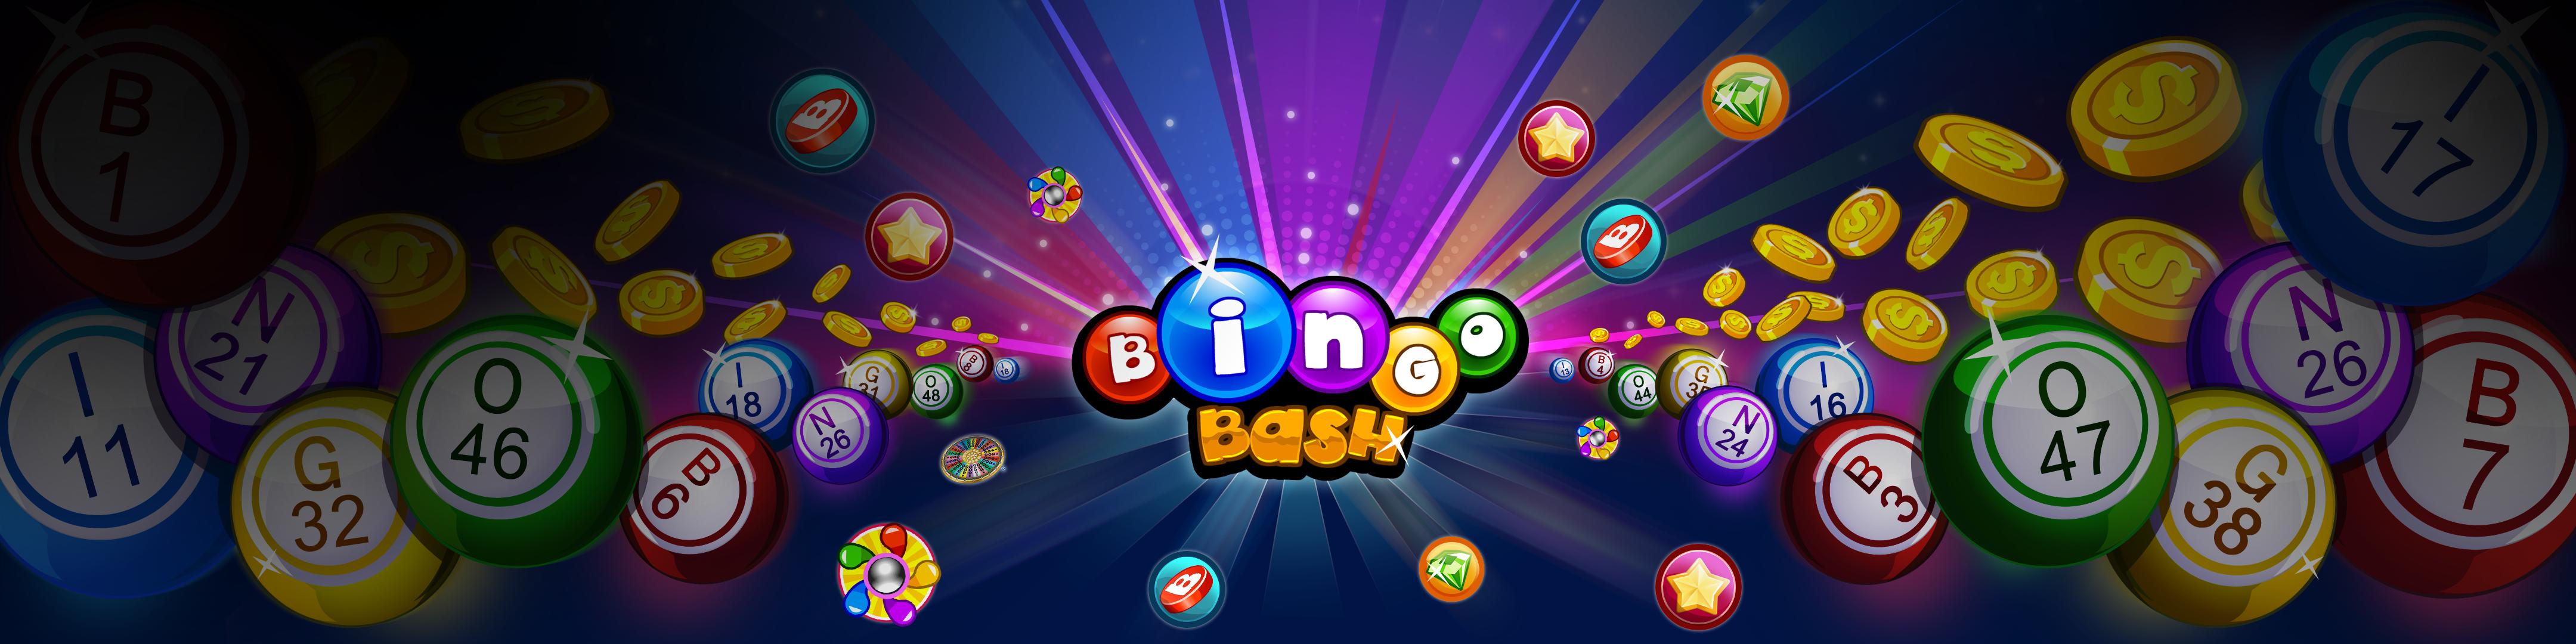 Bingo Bash HD - Bingo & Slots - Revenue & Download estimates